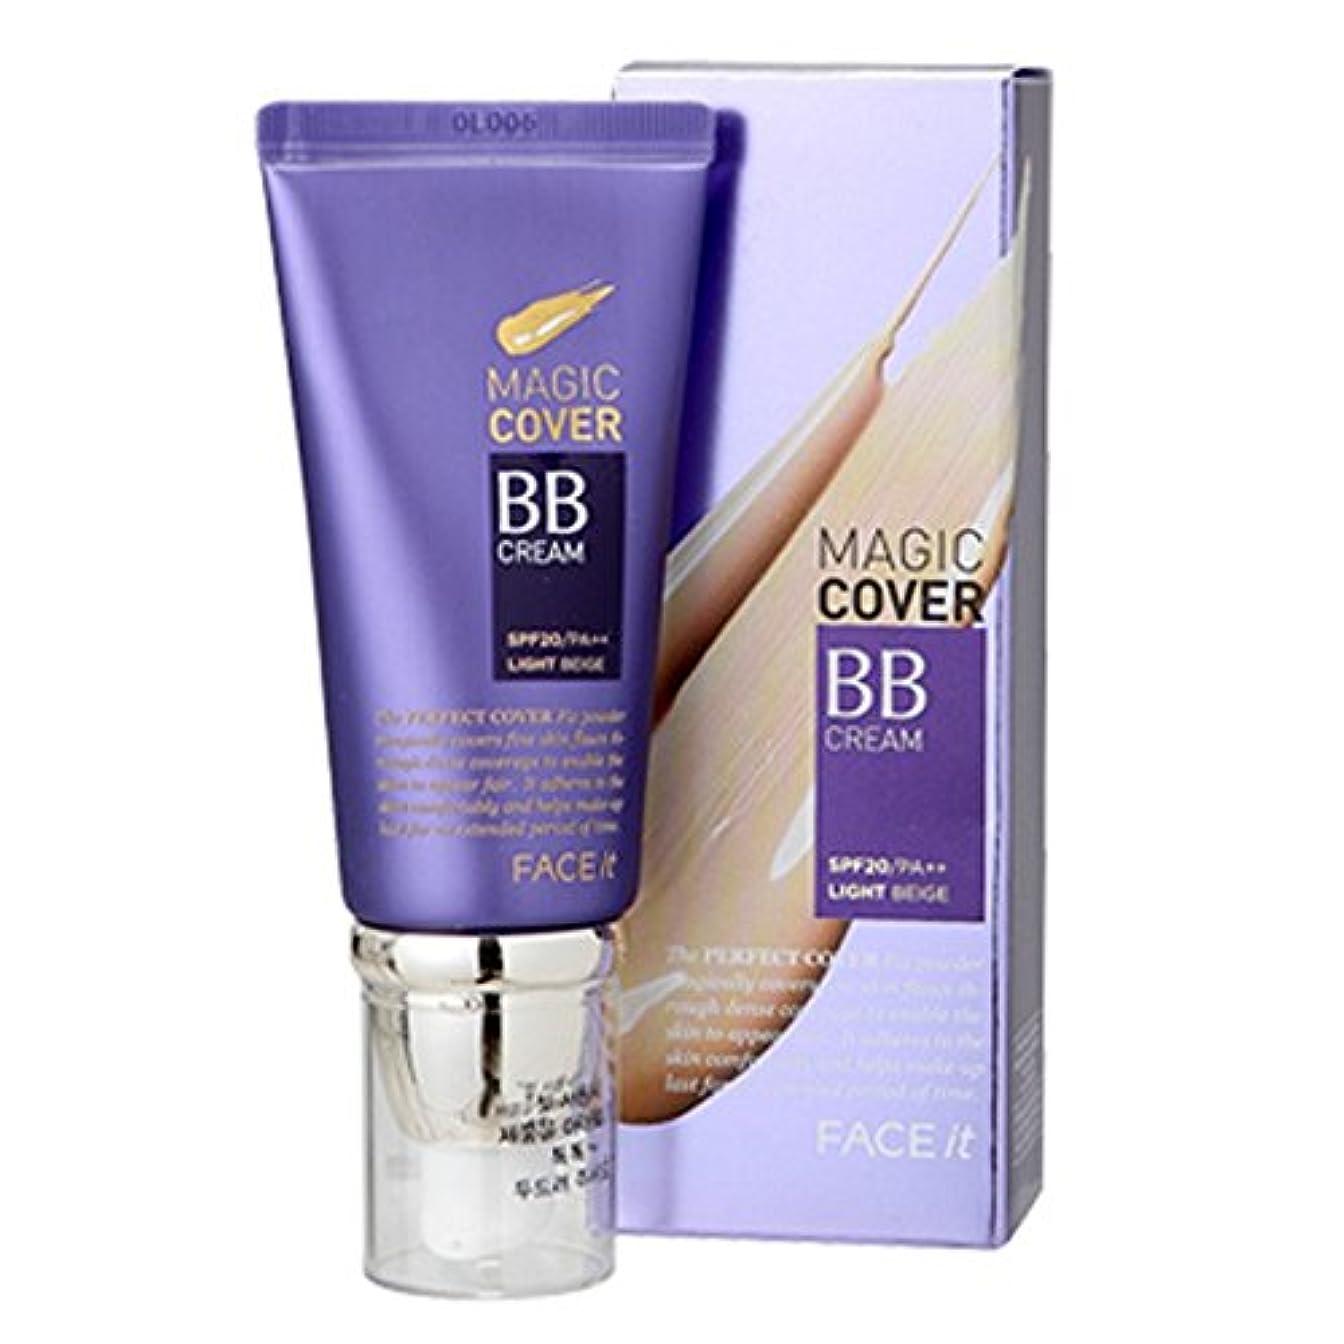 囲いソーシャル見えるザフェイスショップ The Face Shop Face It Magic Cover BB Cream 45ml (01 Light Beige)